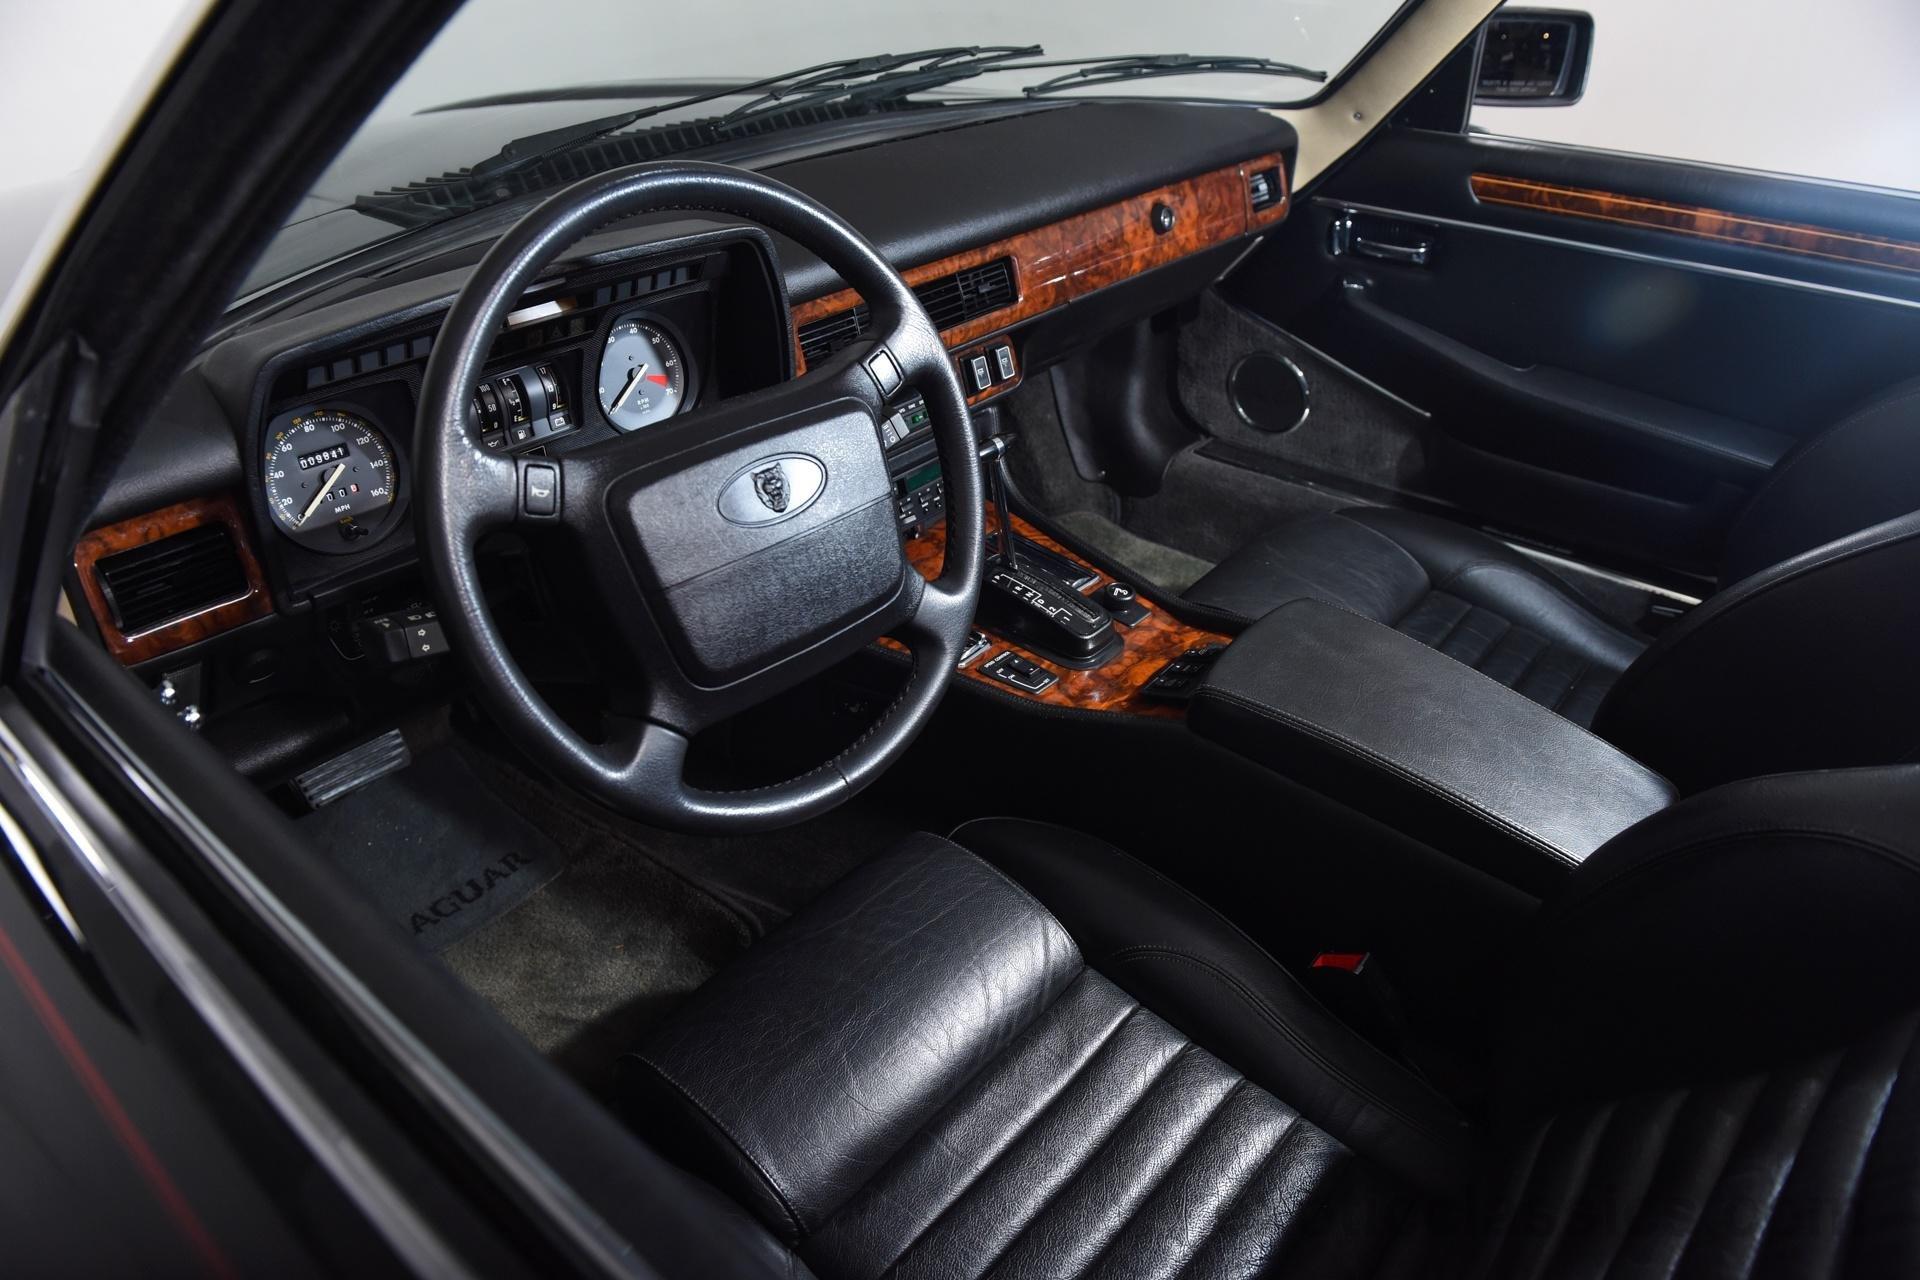 1990 Jaguar Xjs Convertible V12 Cars Black Wallpaper 1920x1280 1996 Xj6 Vanden Plas 717925 Wallpaperup